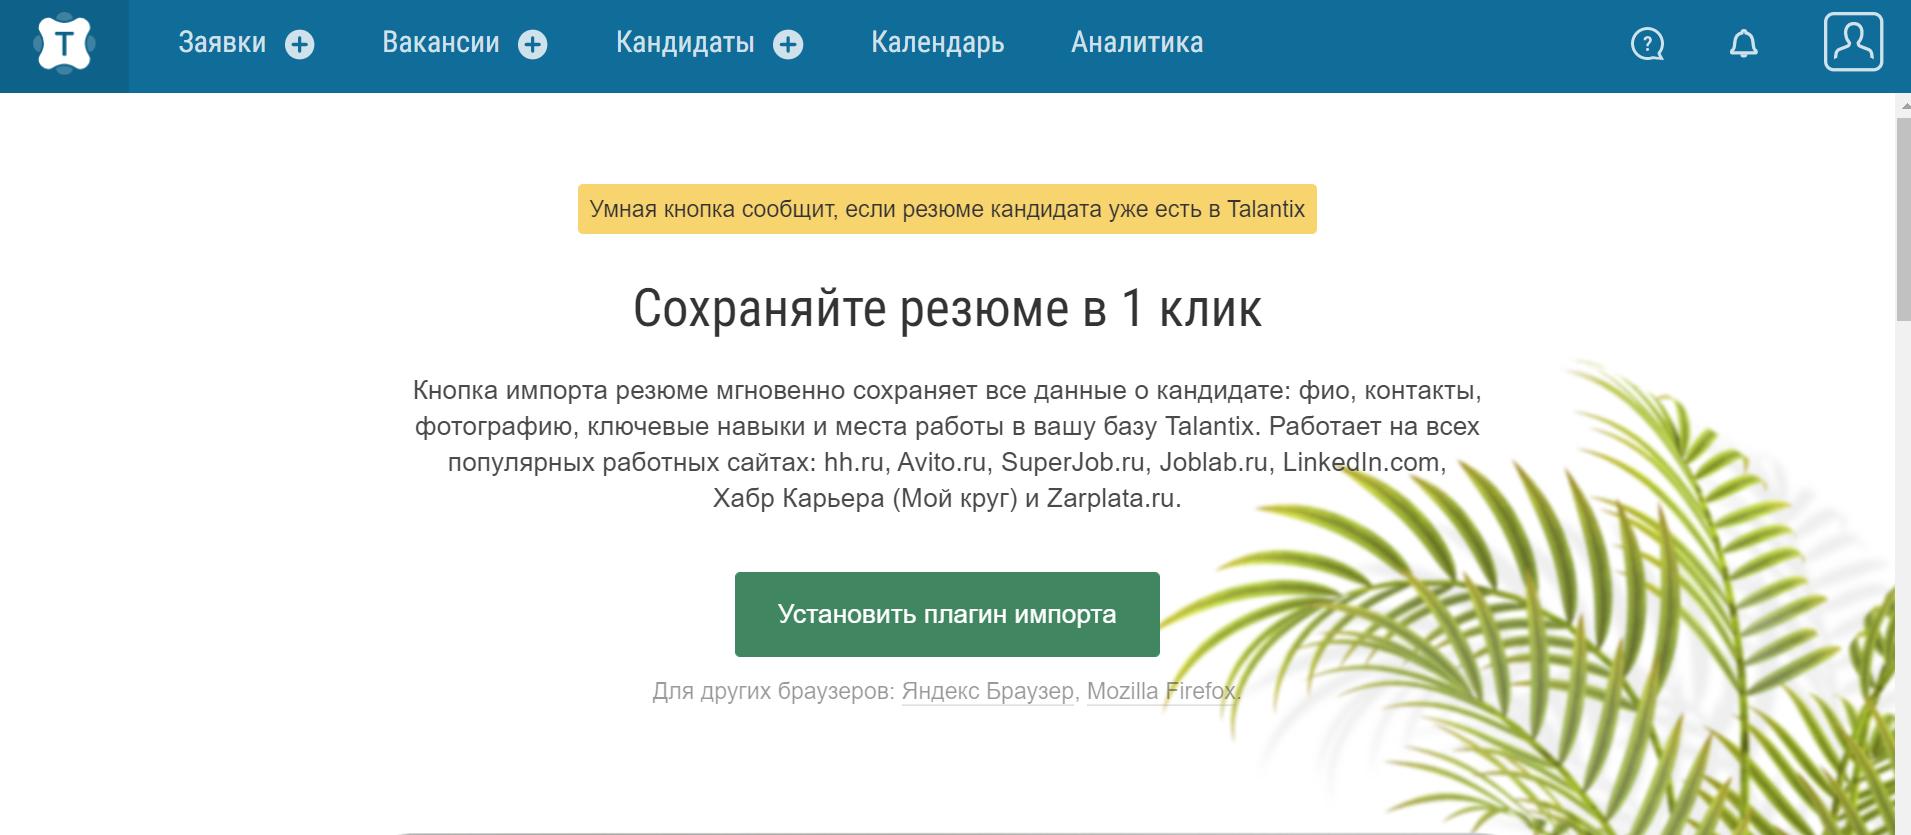 CRM Talantix пополнила список интеграций: «Хабр Карьера» стал седьмым job-сайтом в интерфейсе системы